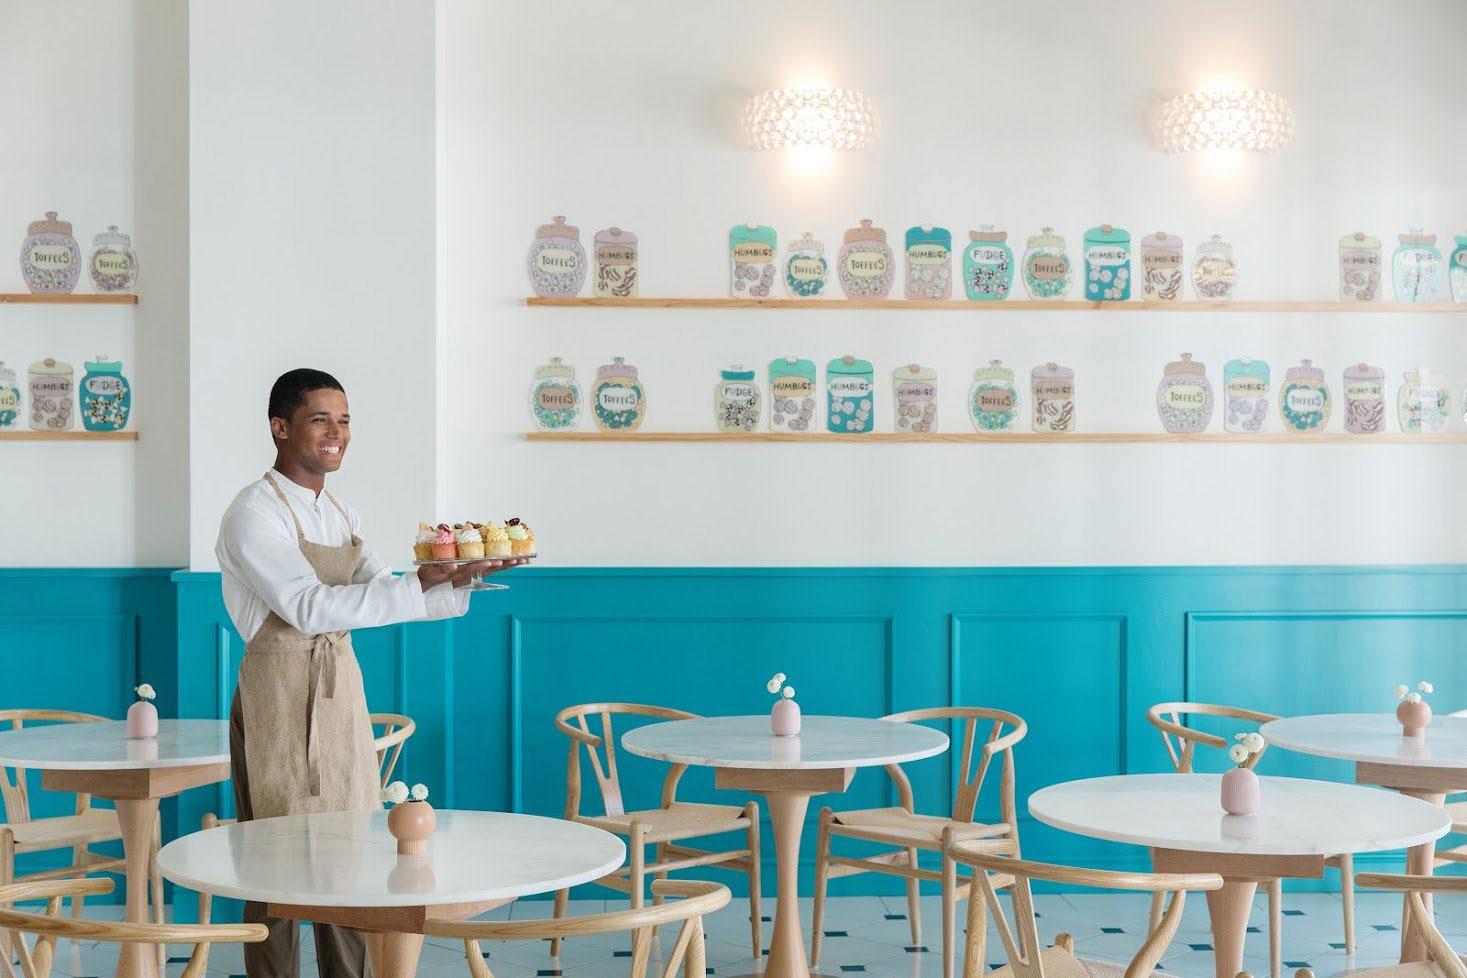 Excellence Punta Cana Restaurant Aroma Café